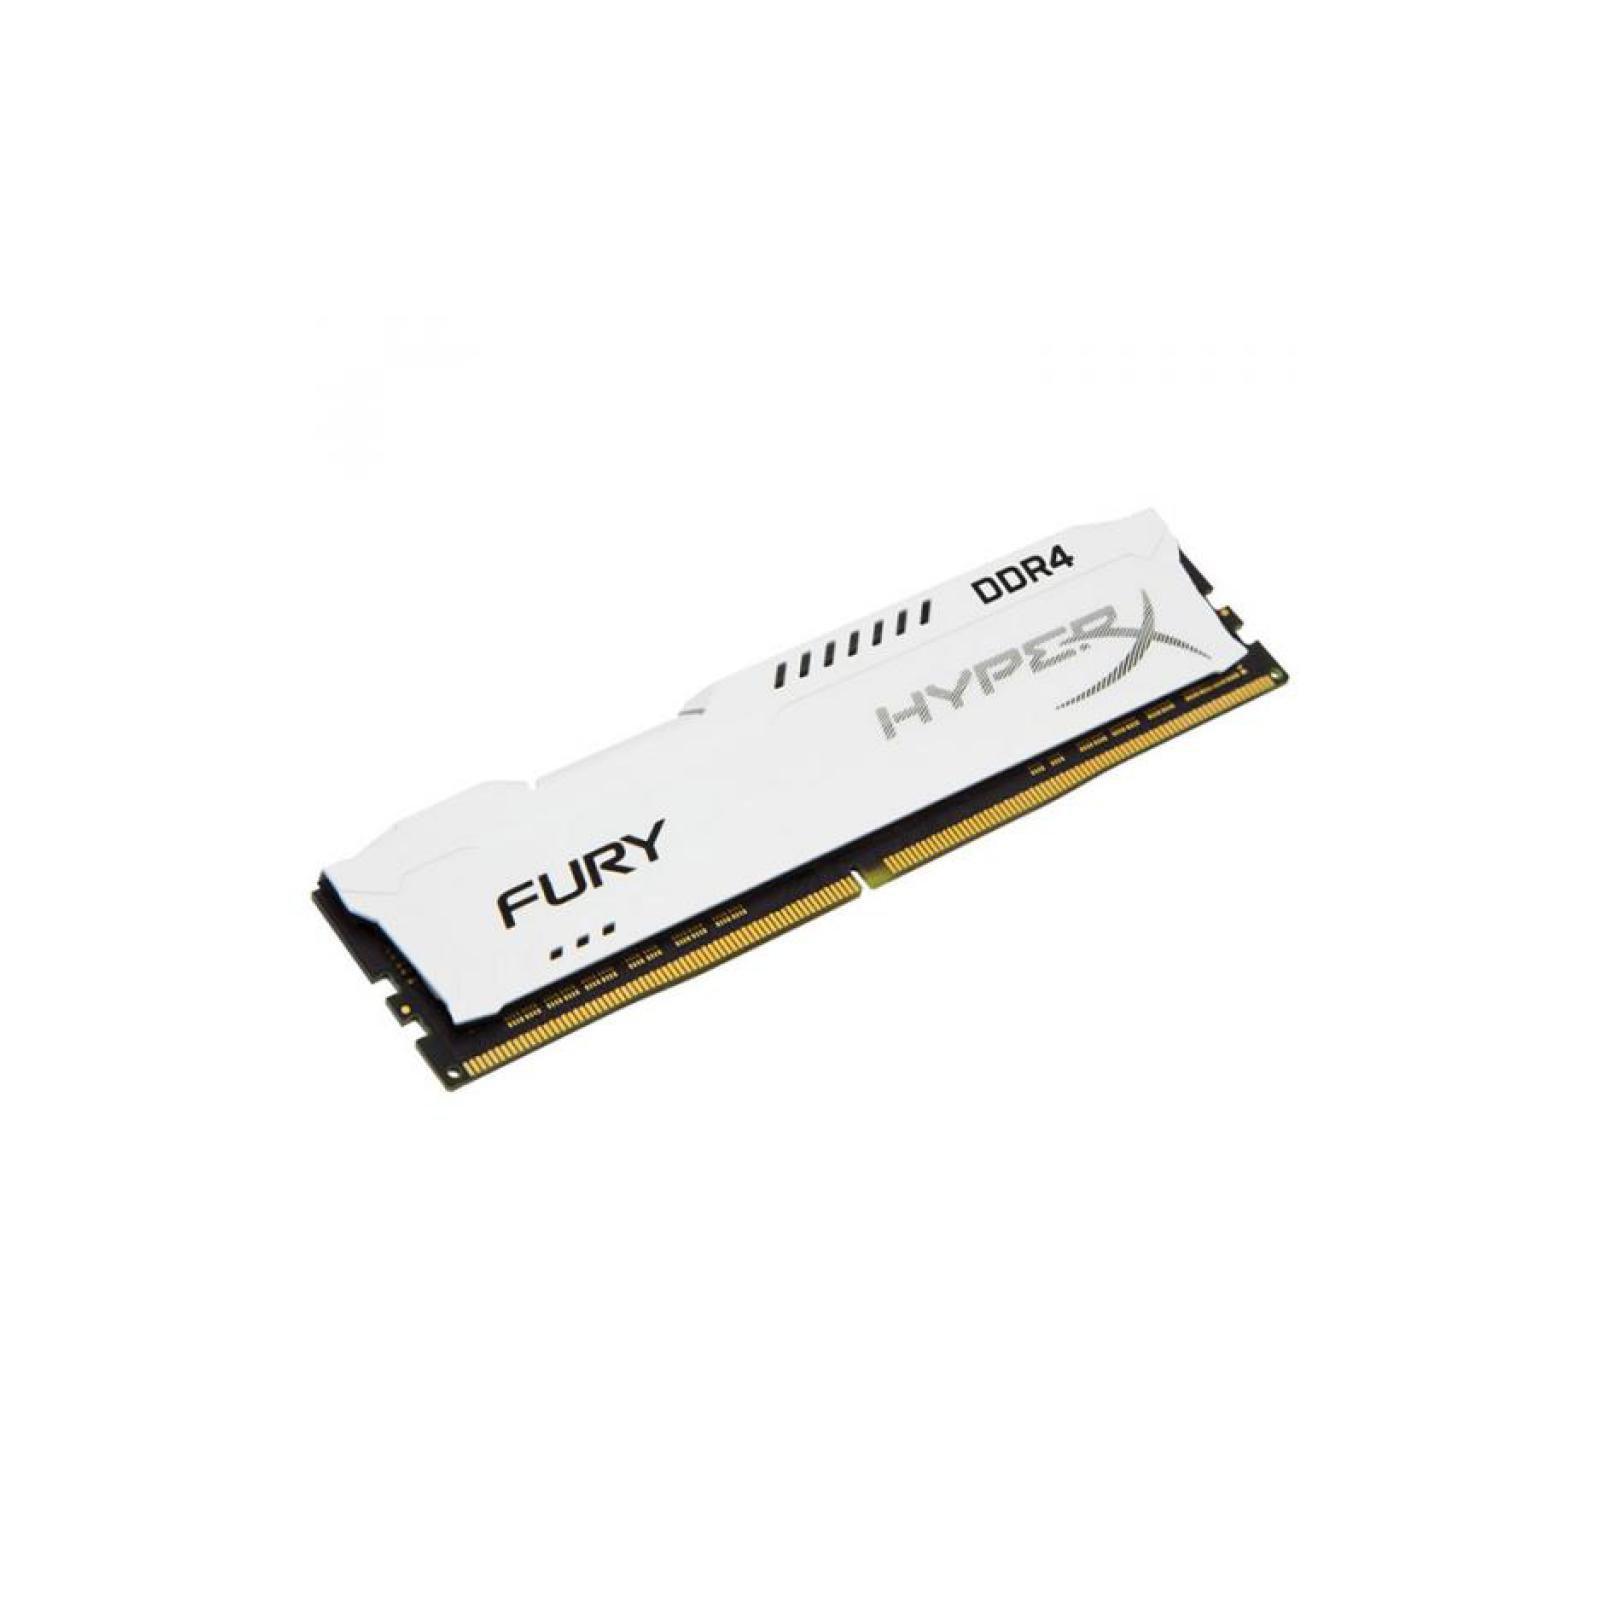 Модуль памяти для компьютера DDR4 8GB 3200 MHz HyperX FURY White HyperX (Kingston Fury) (HX432C18FW2/8) изображение 2